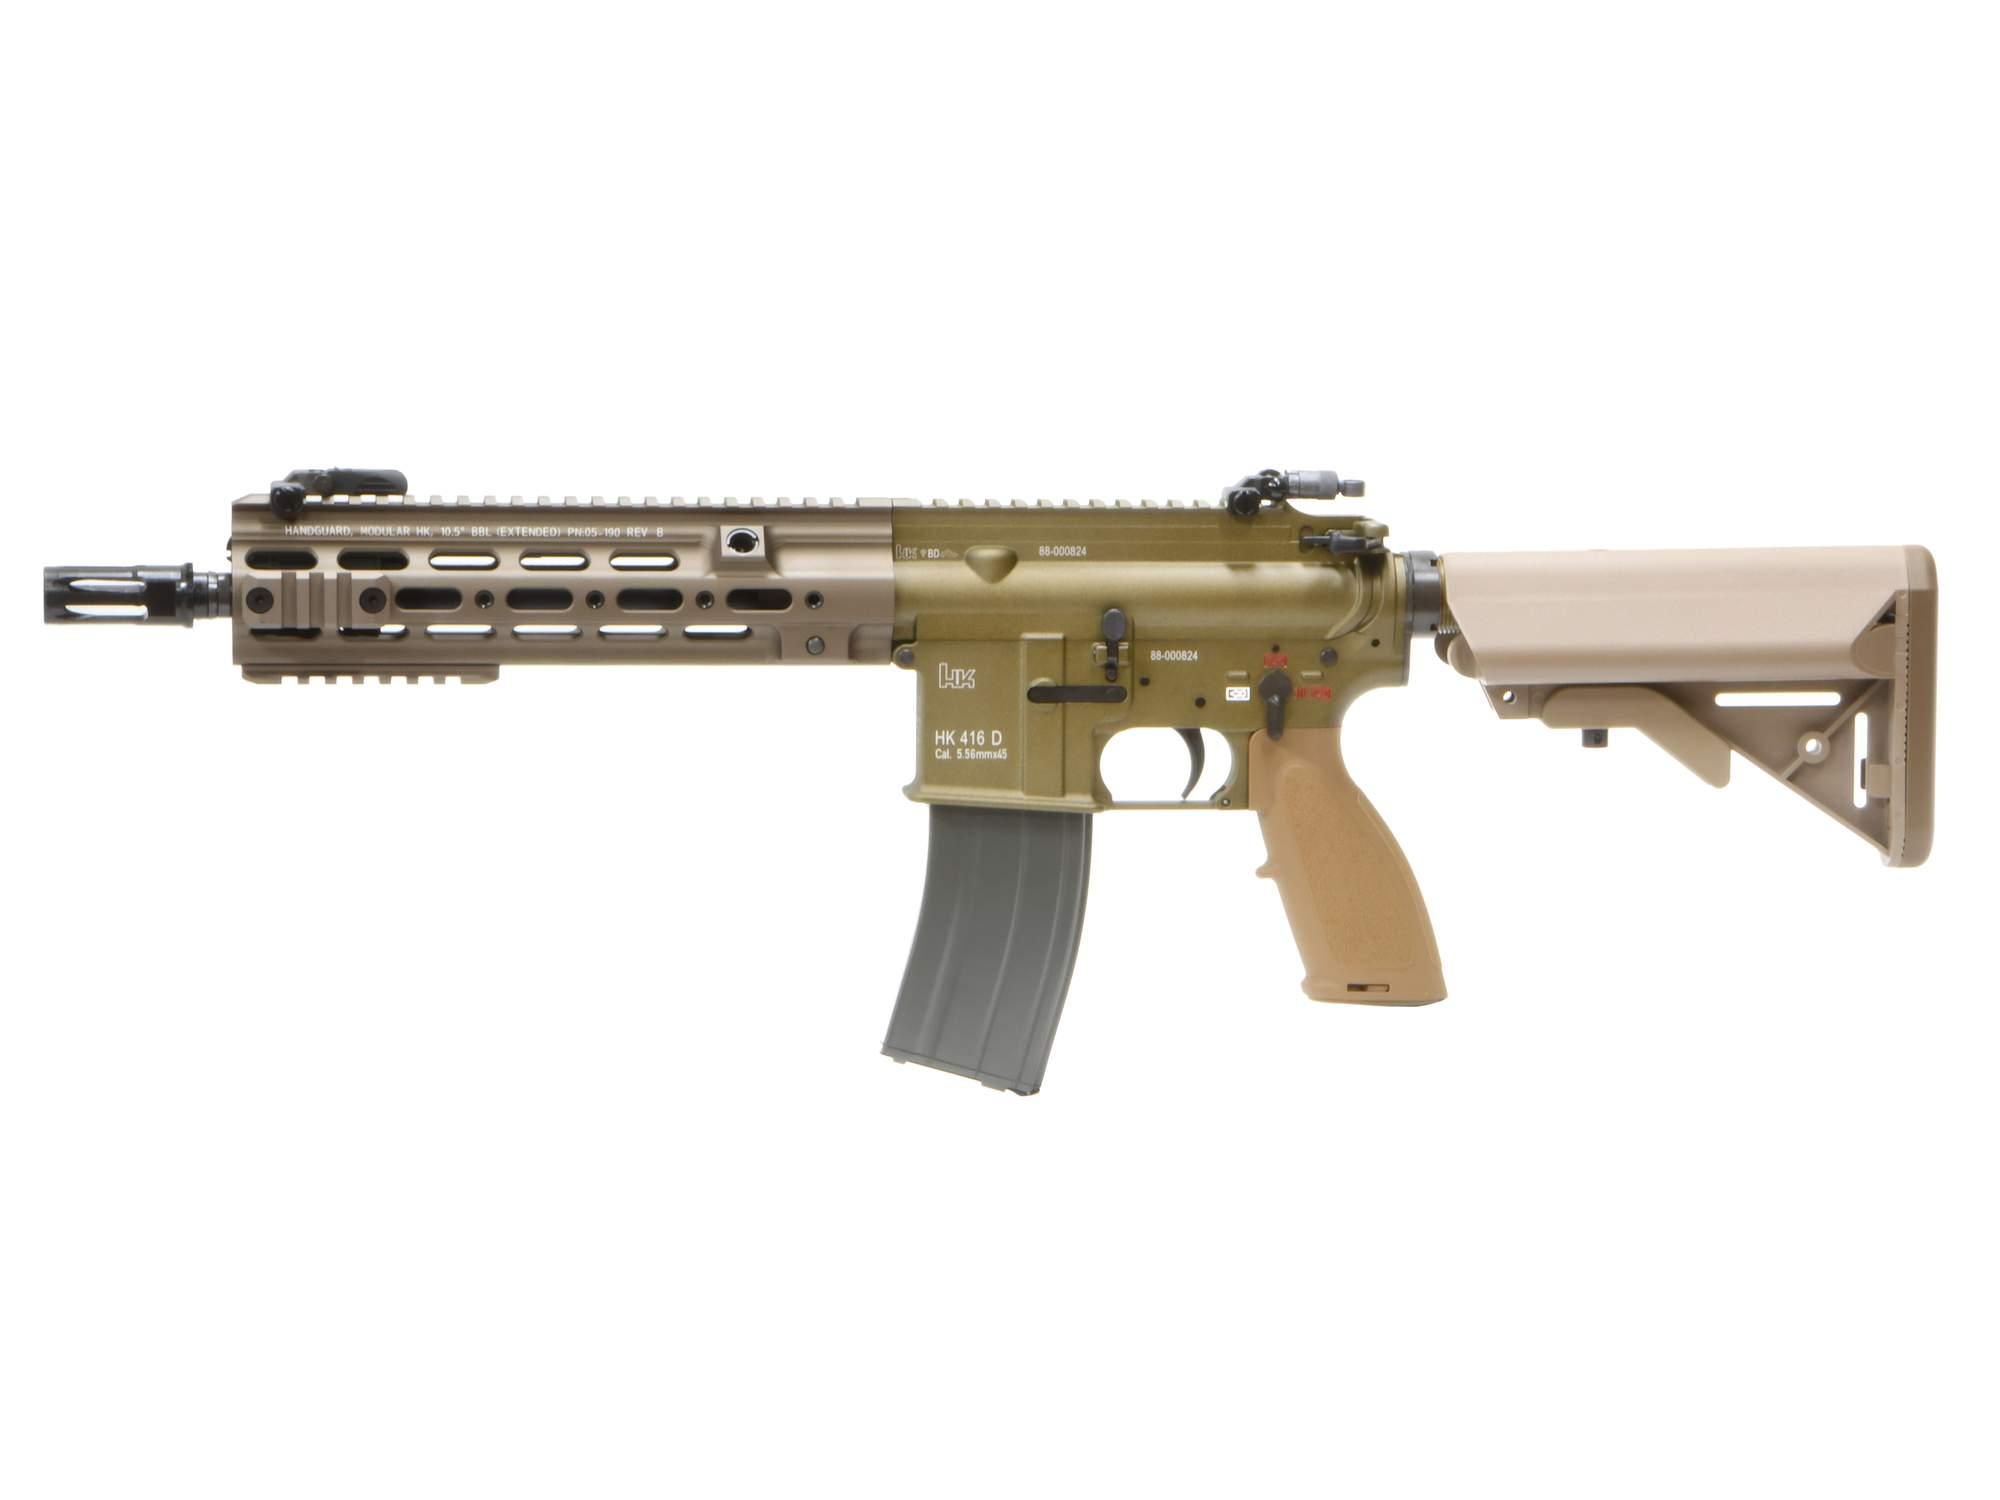 【JPバージョン】 VFC/Umarex H&K HK416 CAG GBBR (JPver./HK Licensed) RAL8000